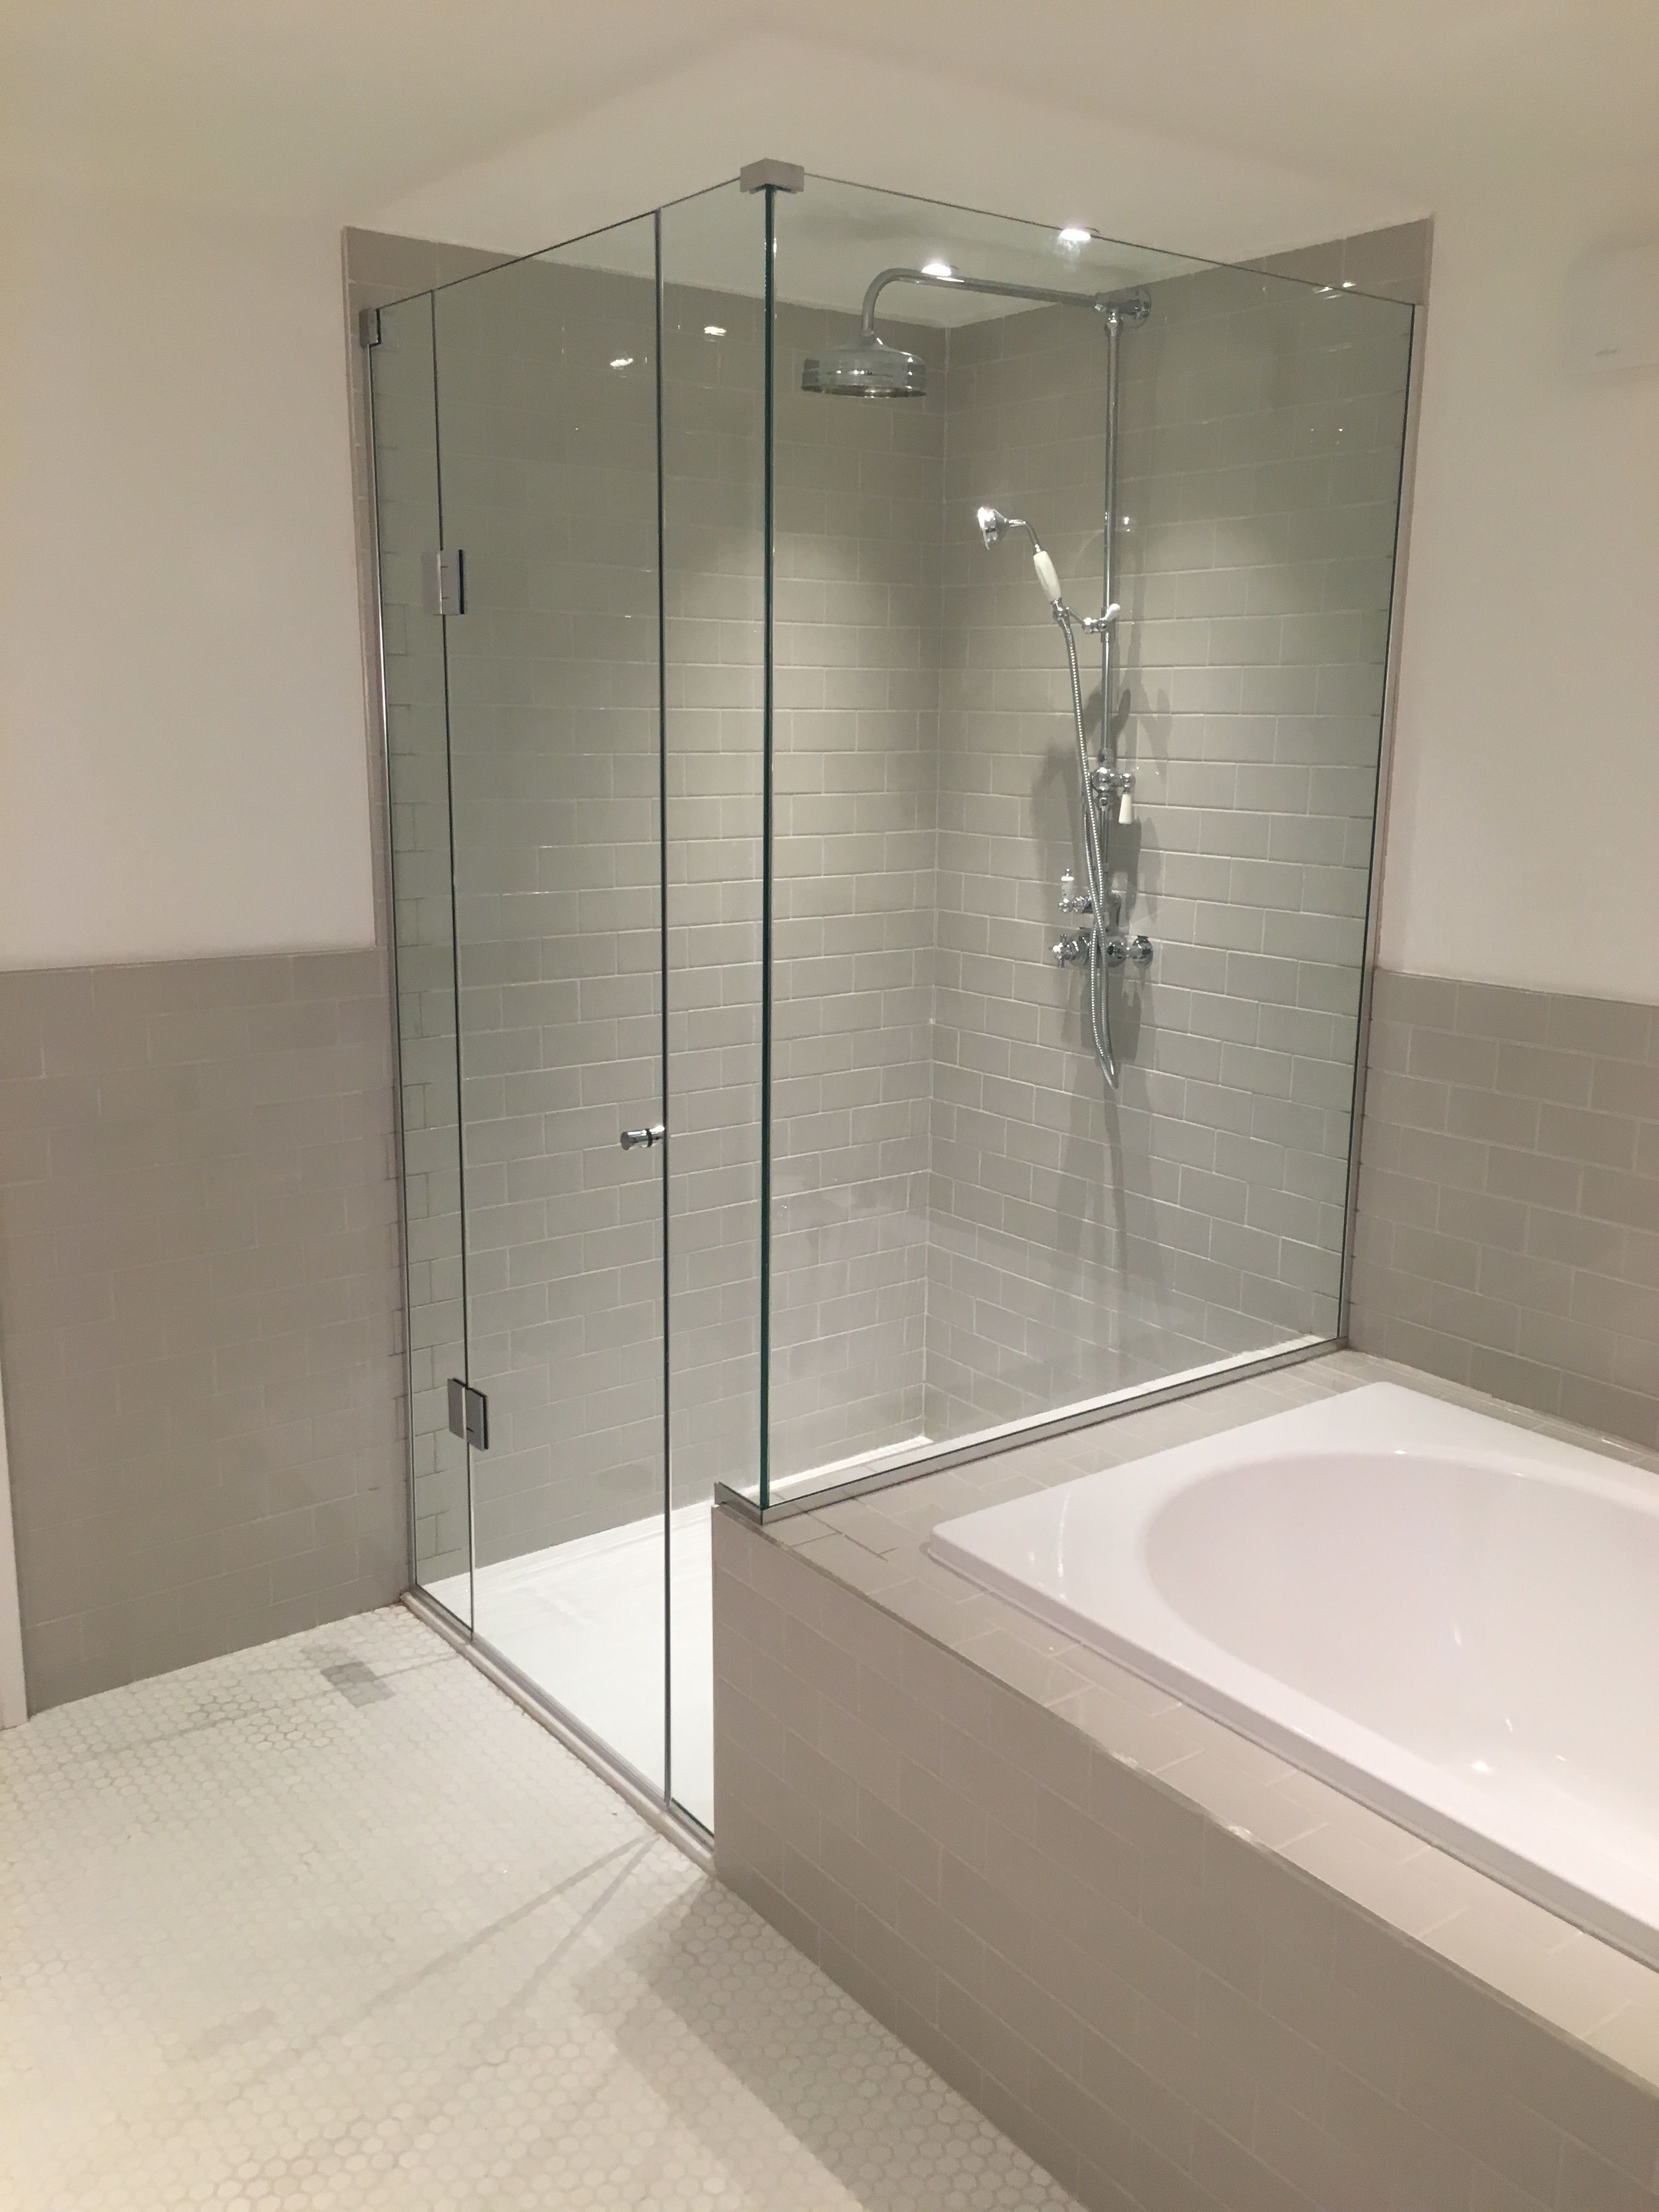 Frameless Shower Enclosure Installed Over Bath End East London Bath Shower Enclosures Shower Remodel Bathroom Remodel Shower